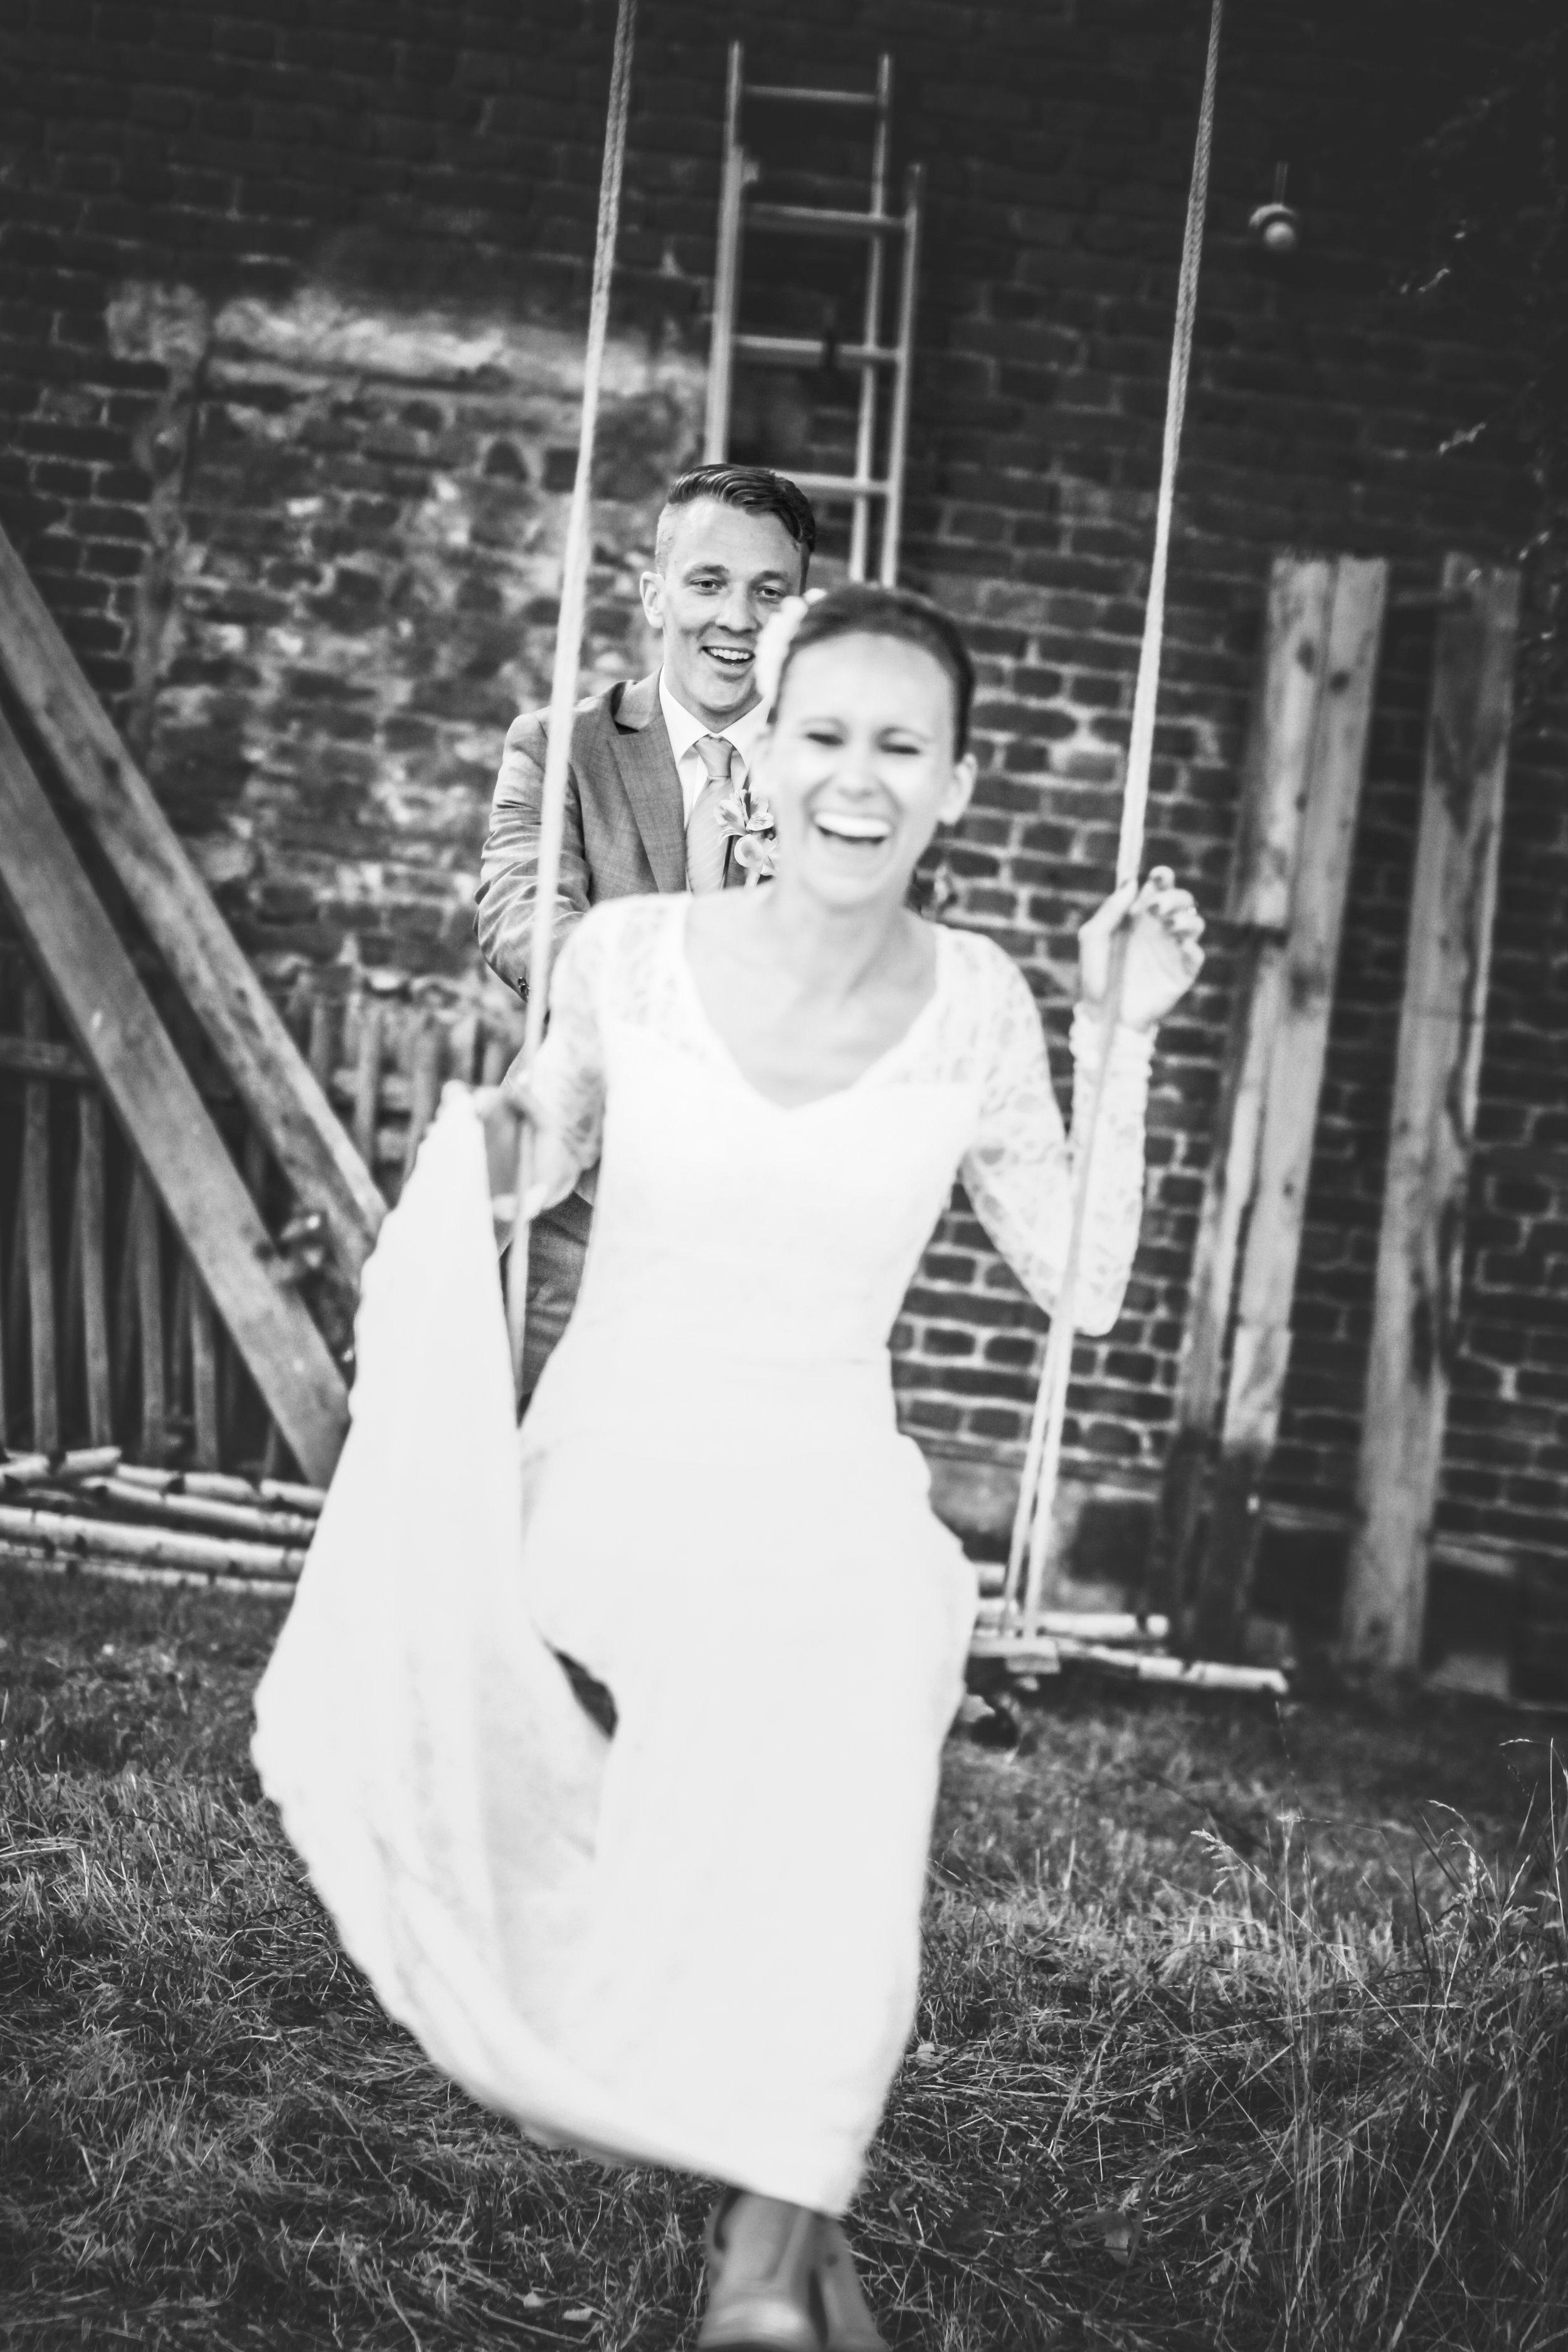 July & Toby - Mutter des Bräutigams:Ich kann einfach nicht anders, ich MUSS dir noch einmal schreiben:Du hast die Trauung unseres Traumpaares sooo wundervoll gemacht!So eine schöne Trauung habe ich noch NIEMALS erlebt.DANKE DANKE DANKE DANKE DANKE.Du hast nicht nur das Brautpaar glücklich gemacht sondern die ganze Hochzeitsgesellschaft.Ganz großen Respekt!!!Ich wünsche dir weiterhin so viel Freude bei der Arbeit und dass du noch ganz ganz vielen Paaren so eine wundervolle Trauung bereitest.